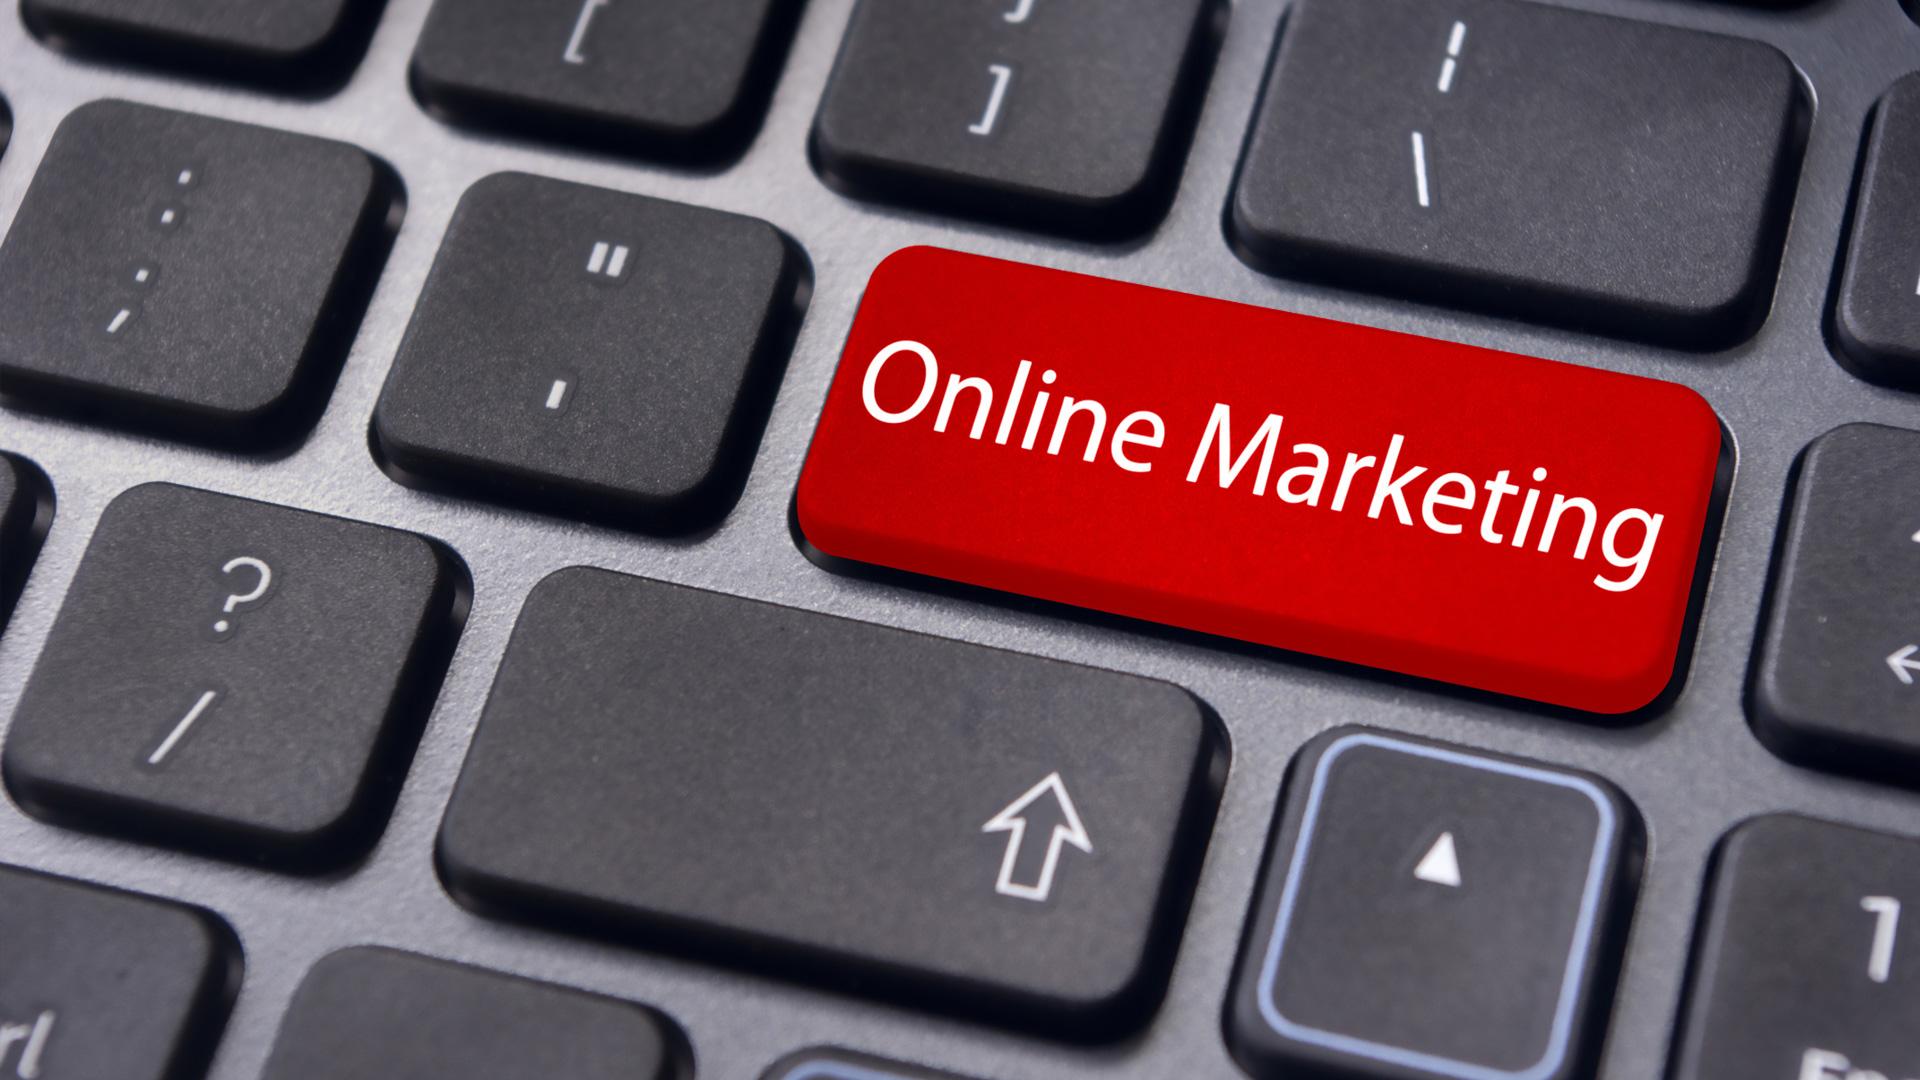 مقارنة بين التسويق الإلكتروني والتسويق التقليدي والفروق بينهما